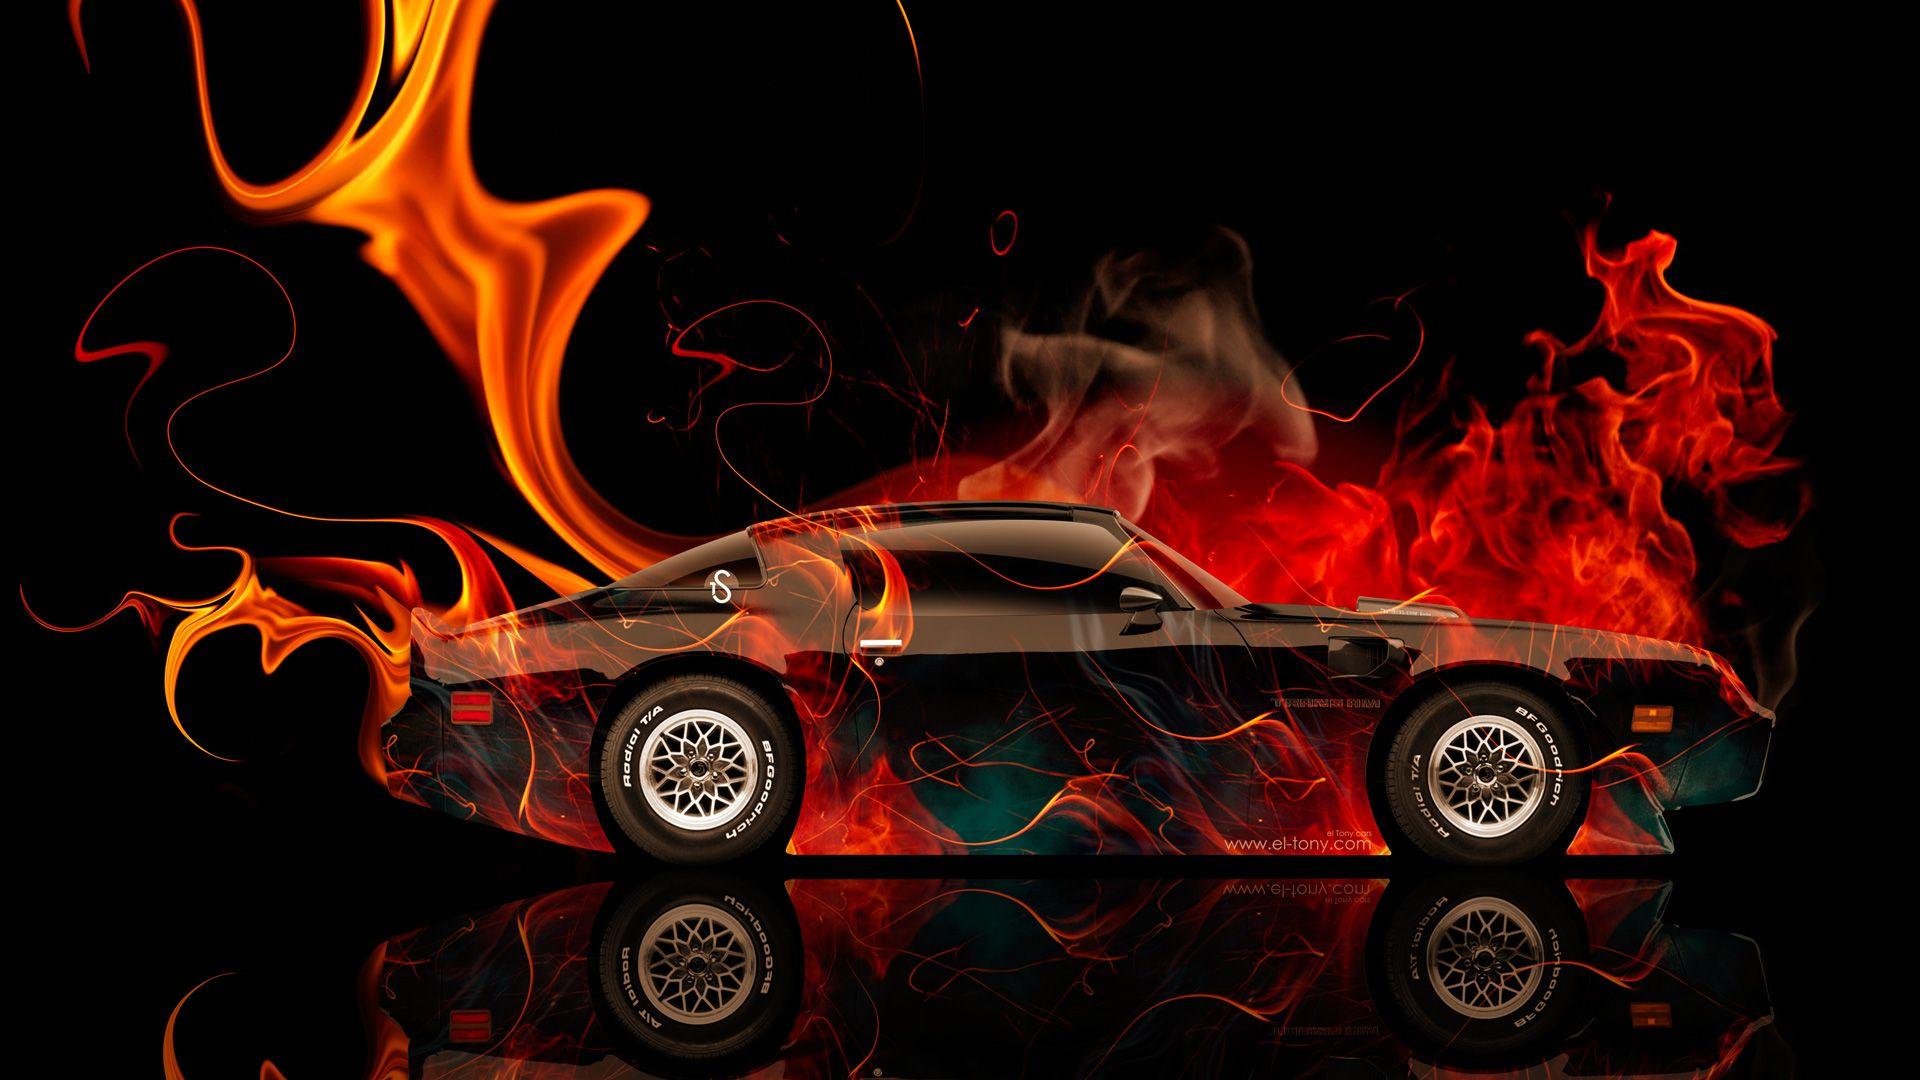 Pontiac Firebird Side Fire Abstract Car 2014 HD